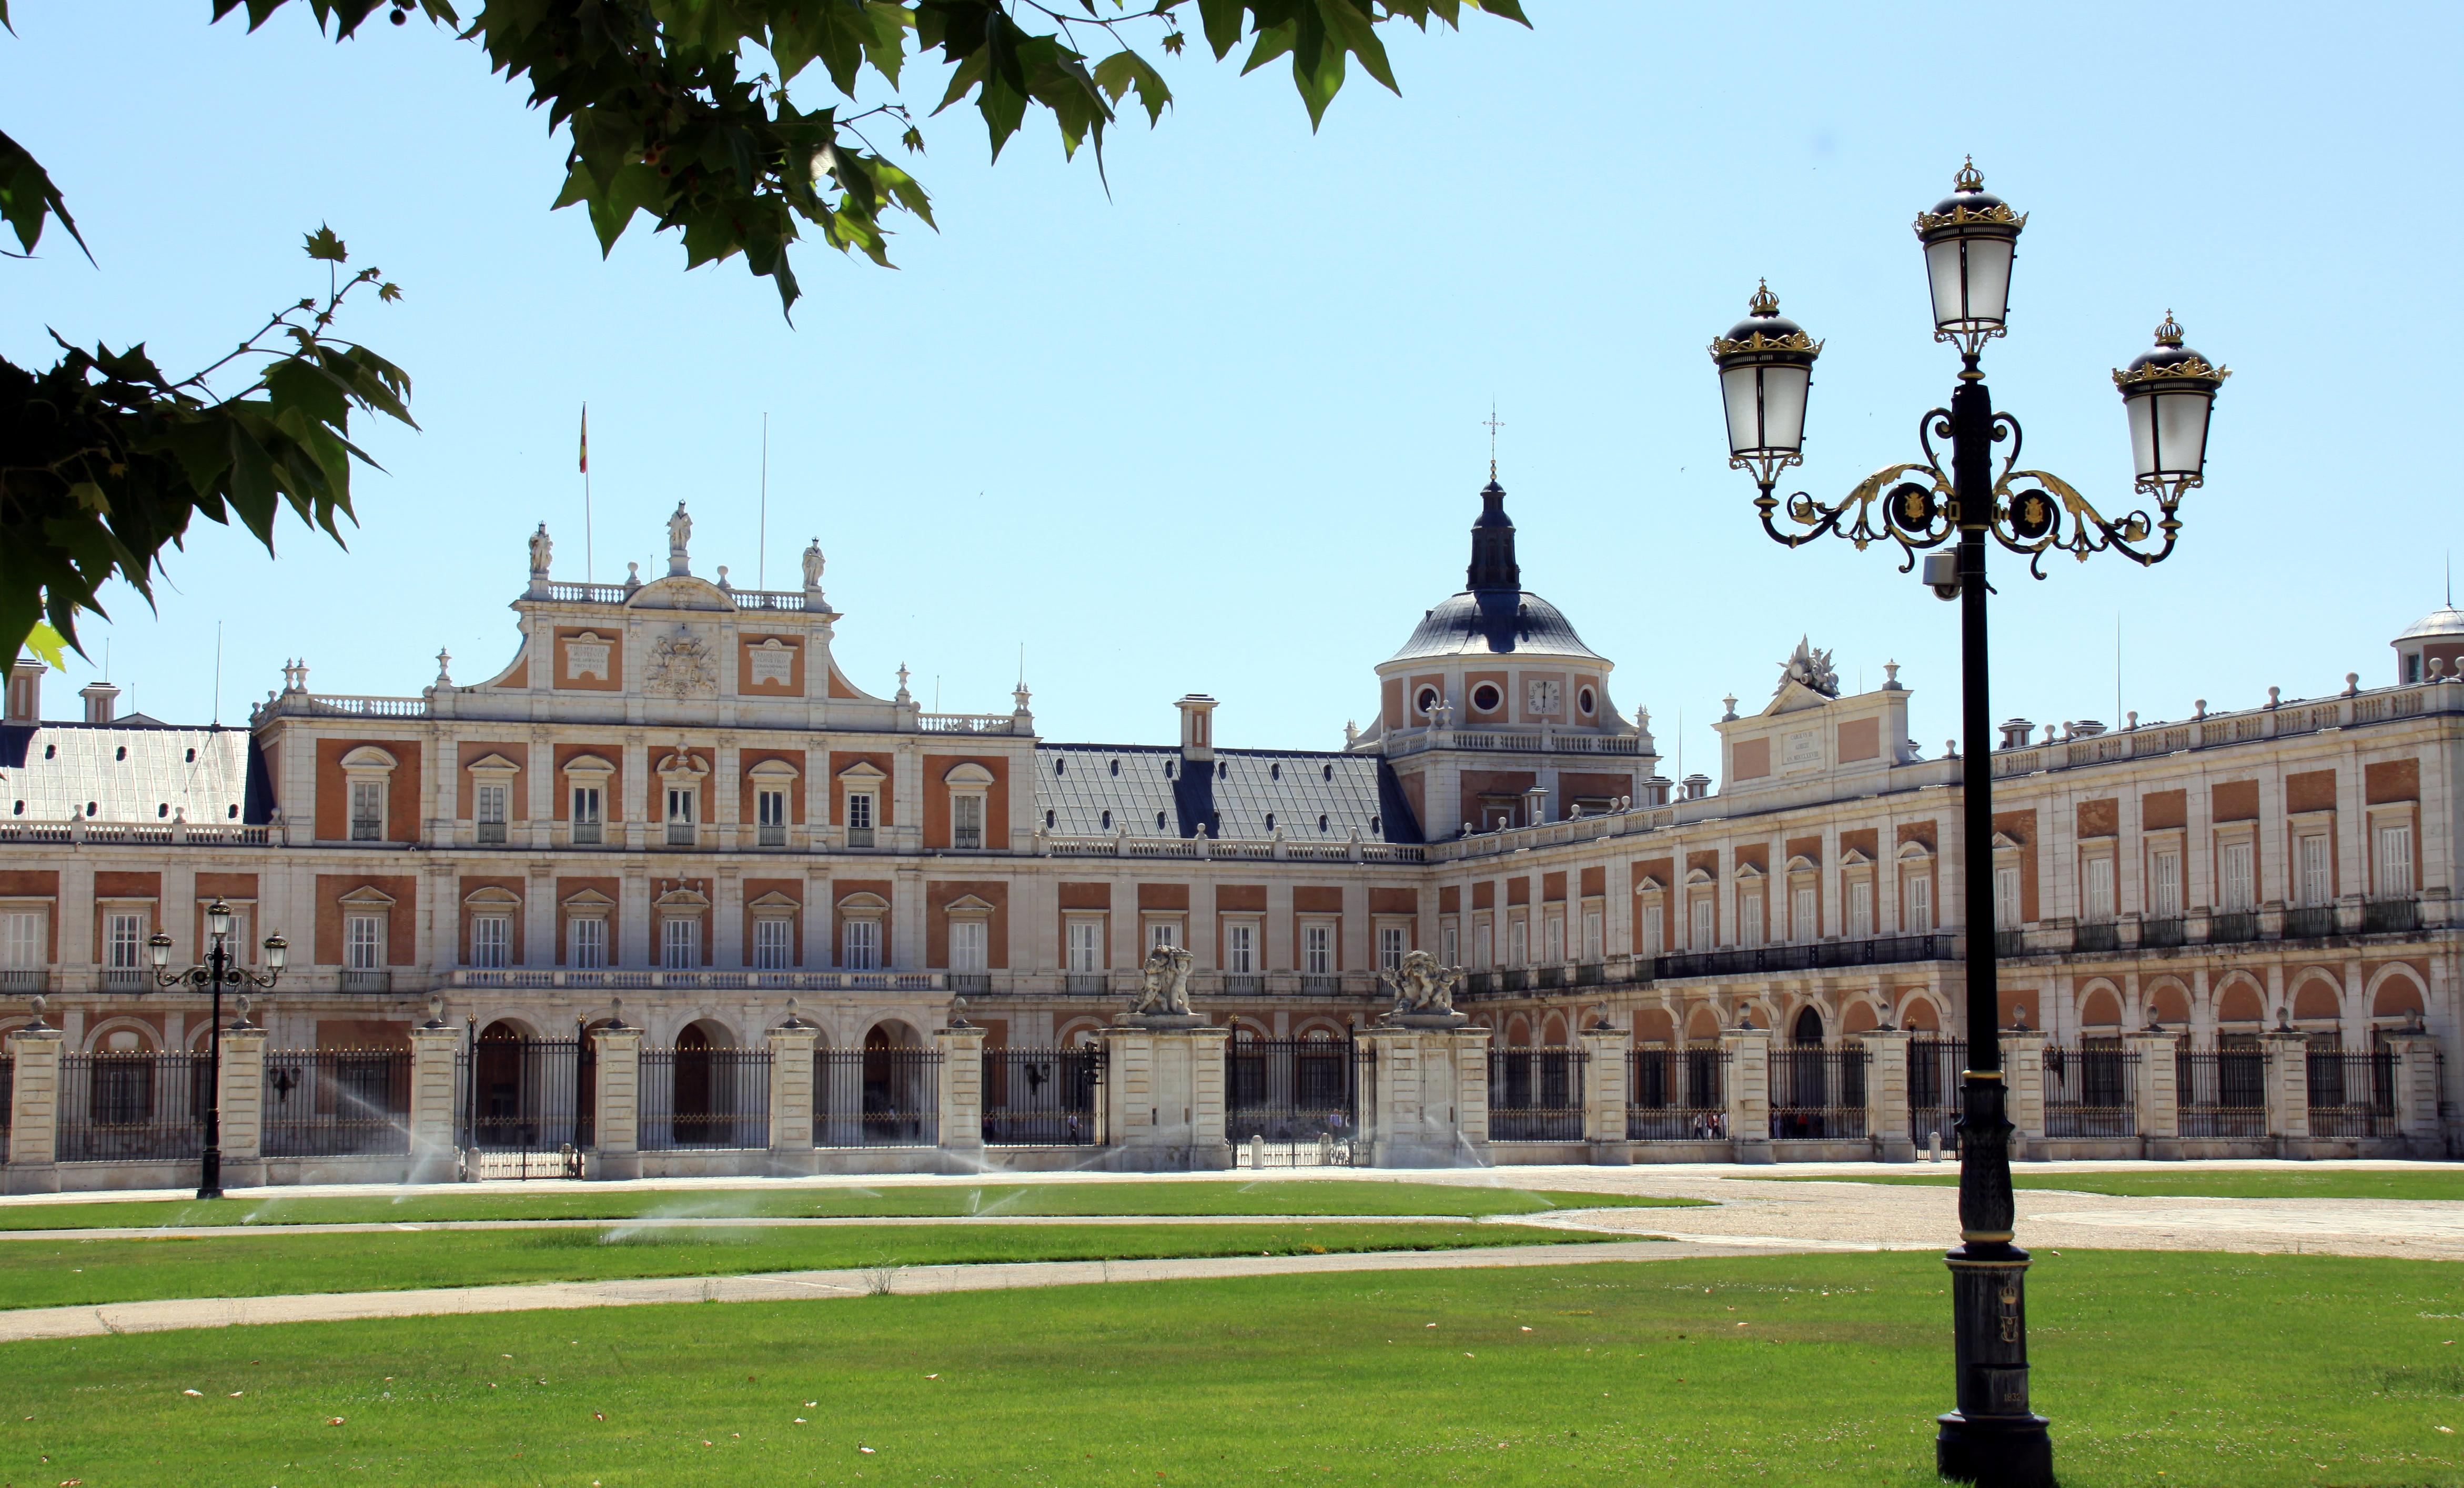 4684x2828 > Royal Palace Of Aranjuez Wallpapers